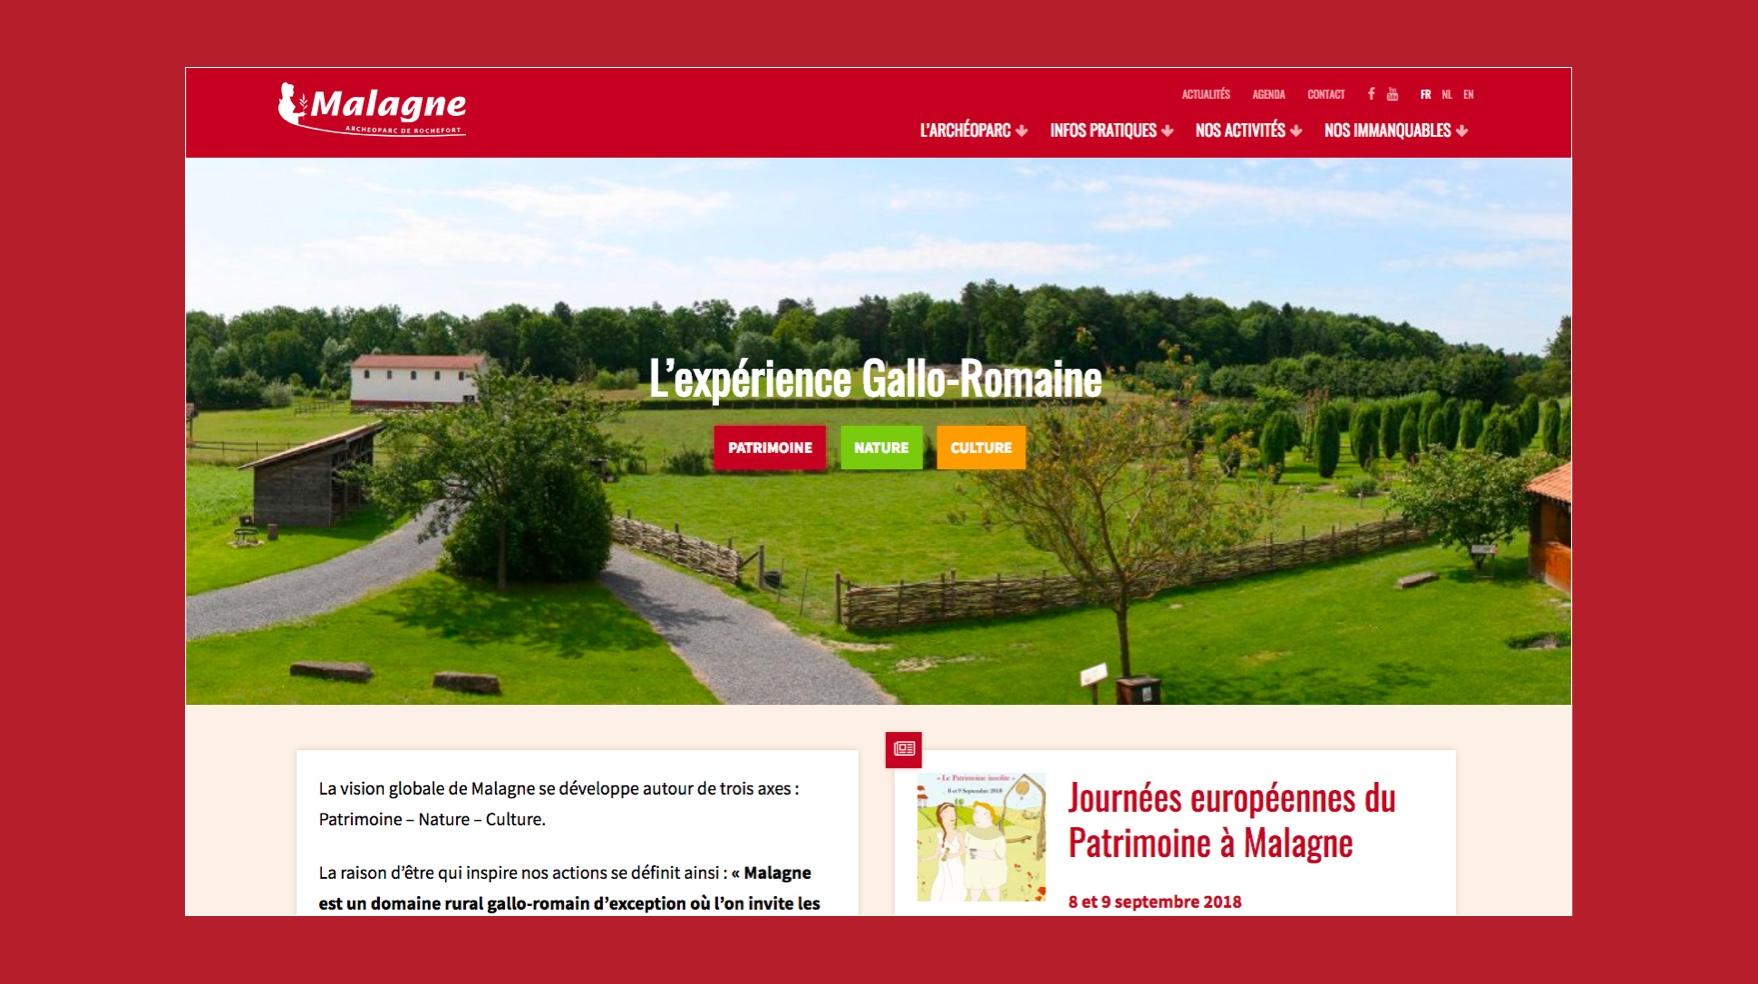 Réalisation d'un nouveau design pour l'archeoparc de Malagne